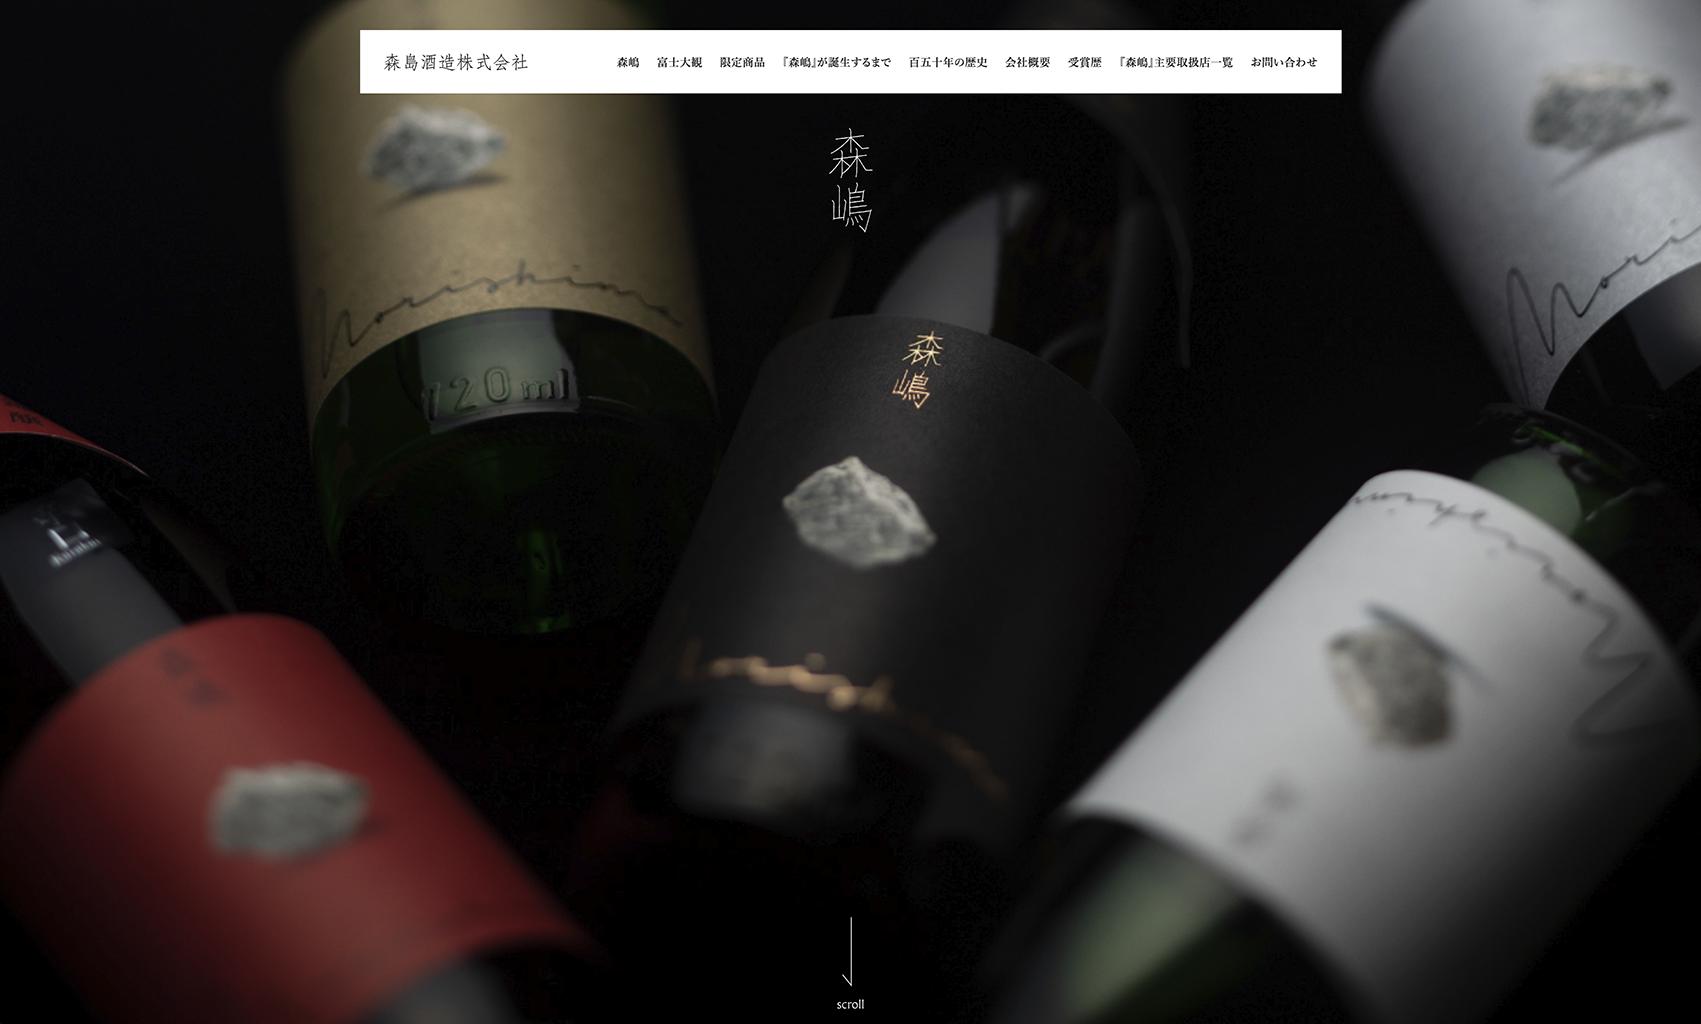 森島酒造株式会社さまウェブサイト